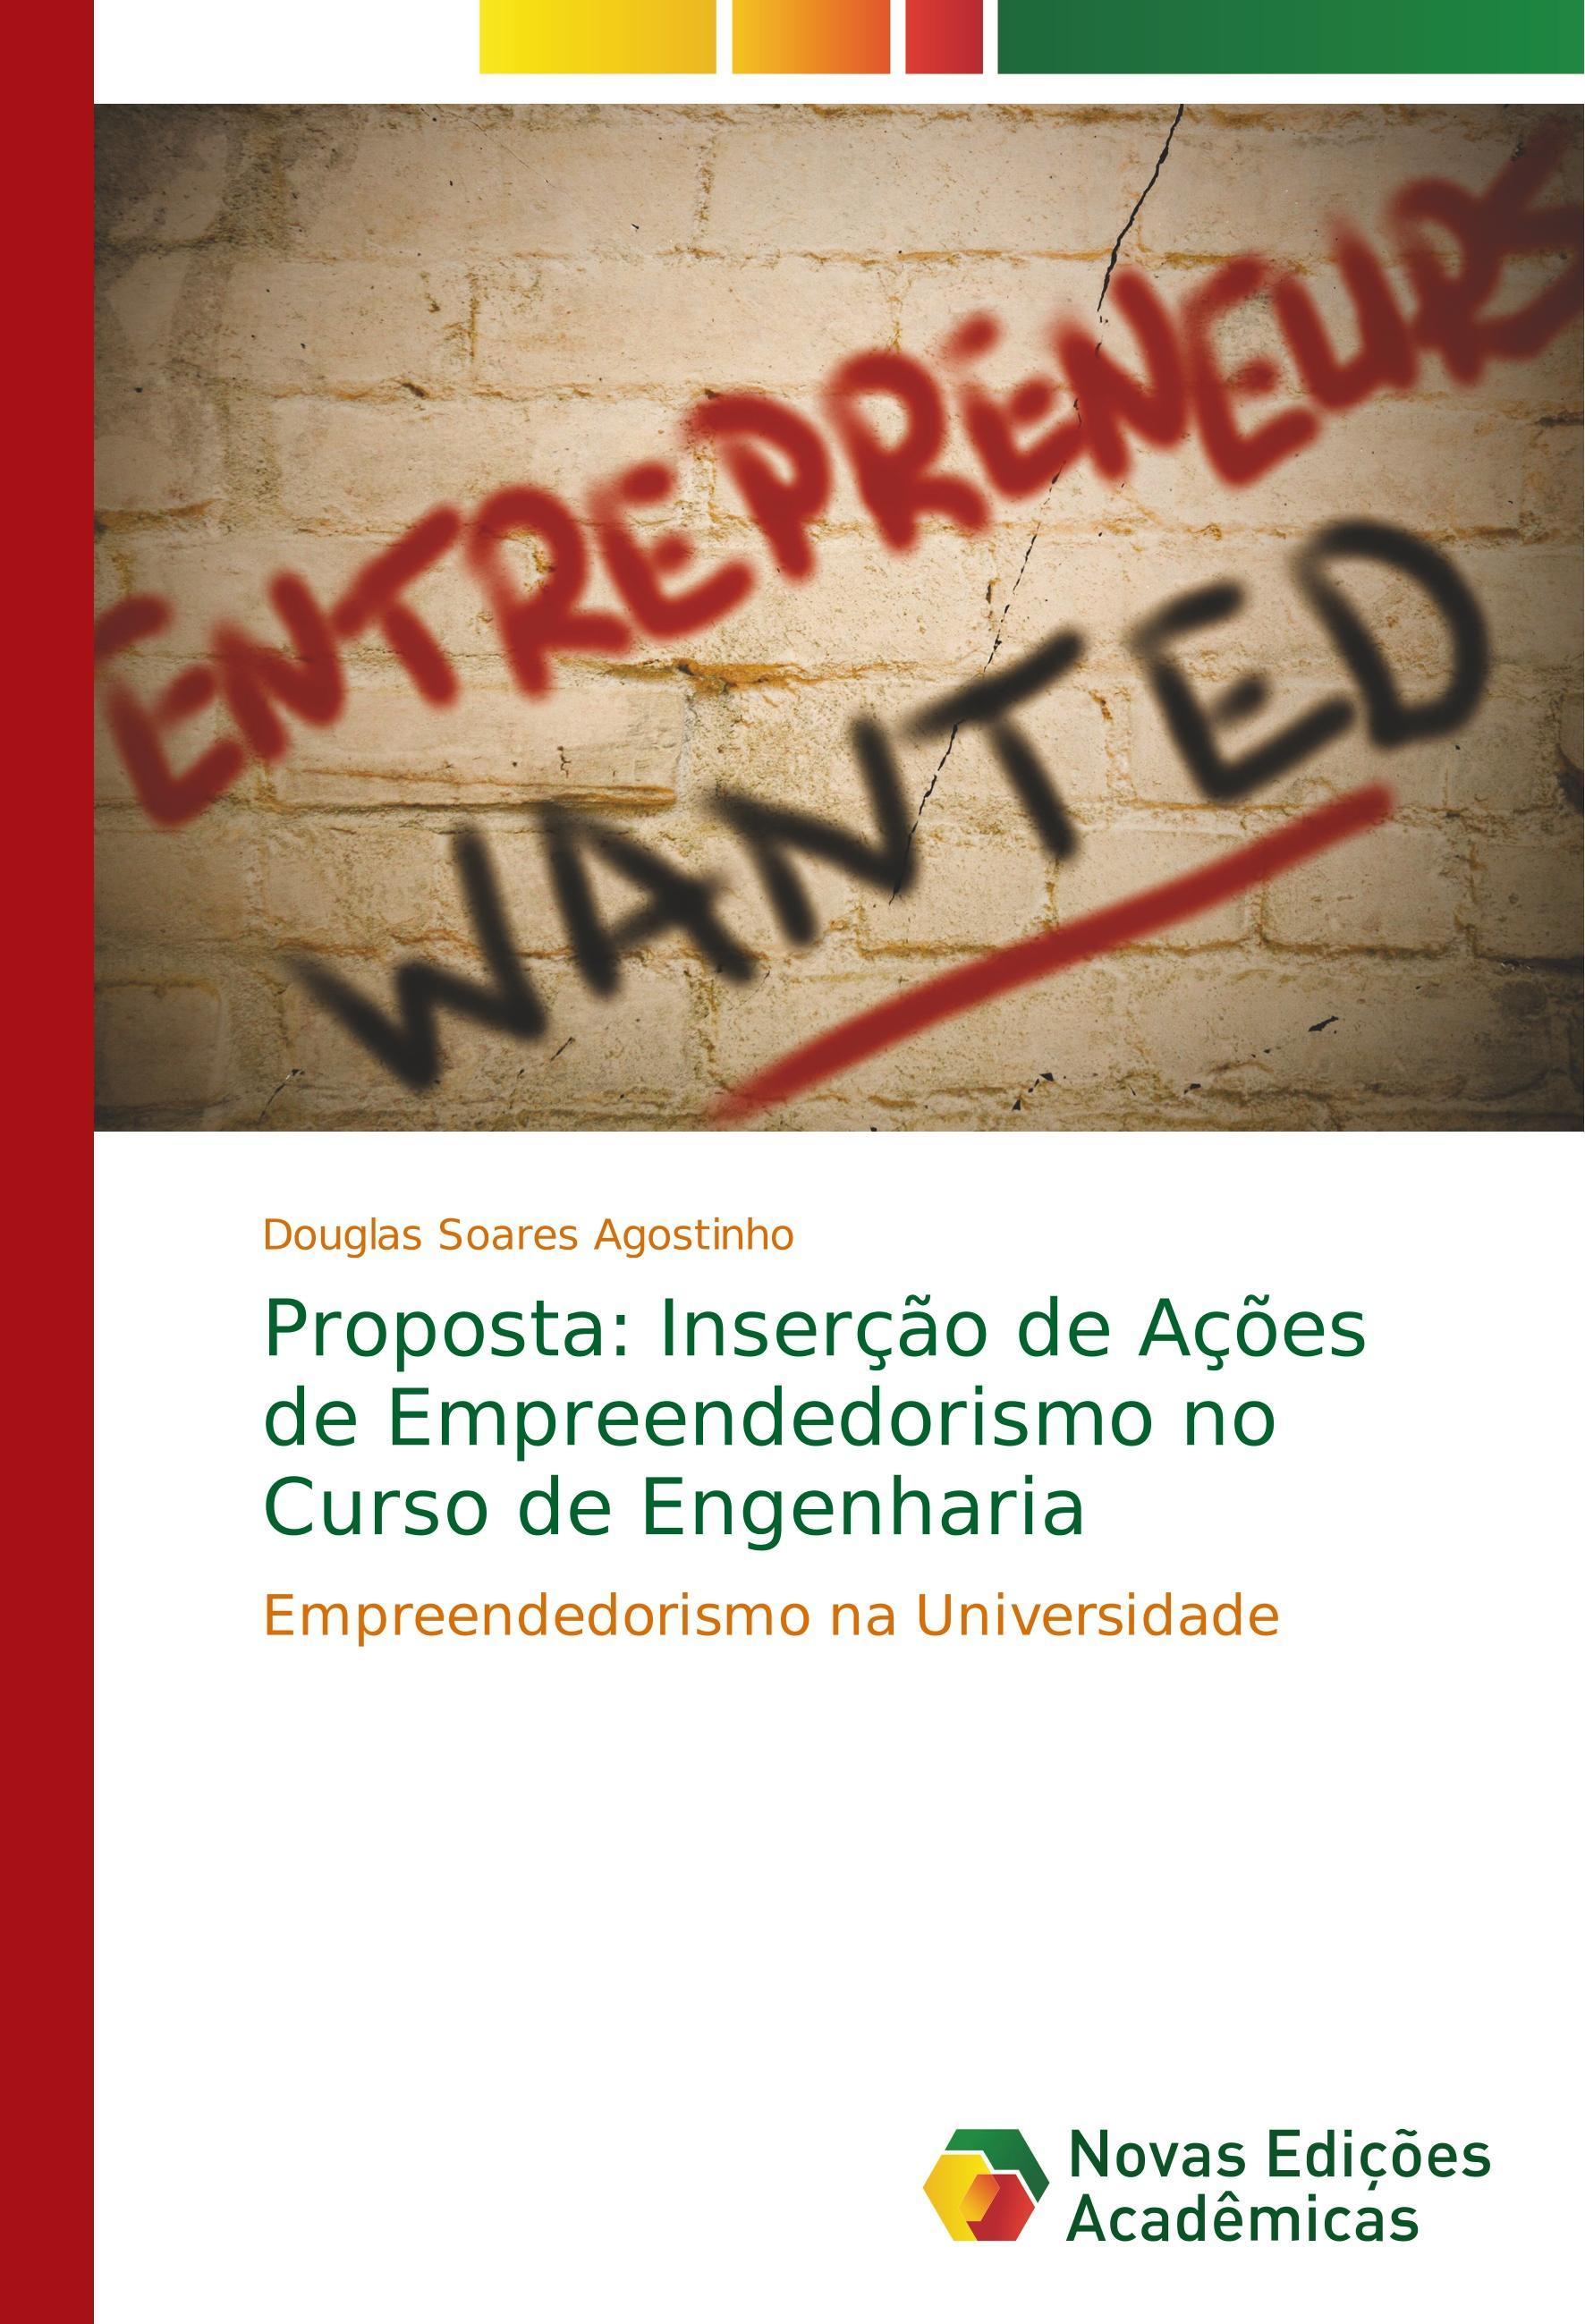 Proposta: Inserção de Ações de Empreendedorismo no Curso de Engenharia - Soares Agostinho, Douglas